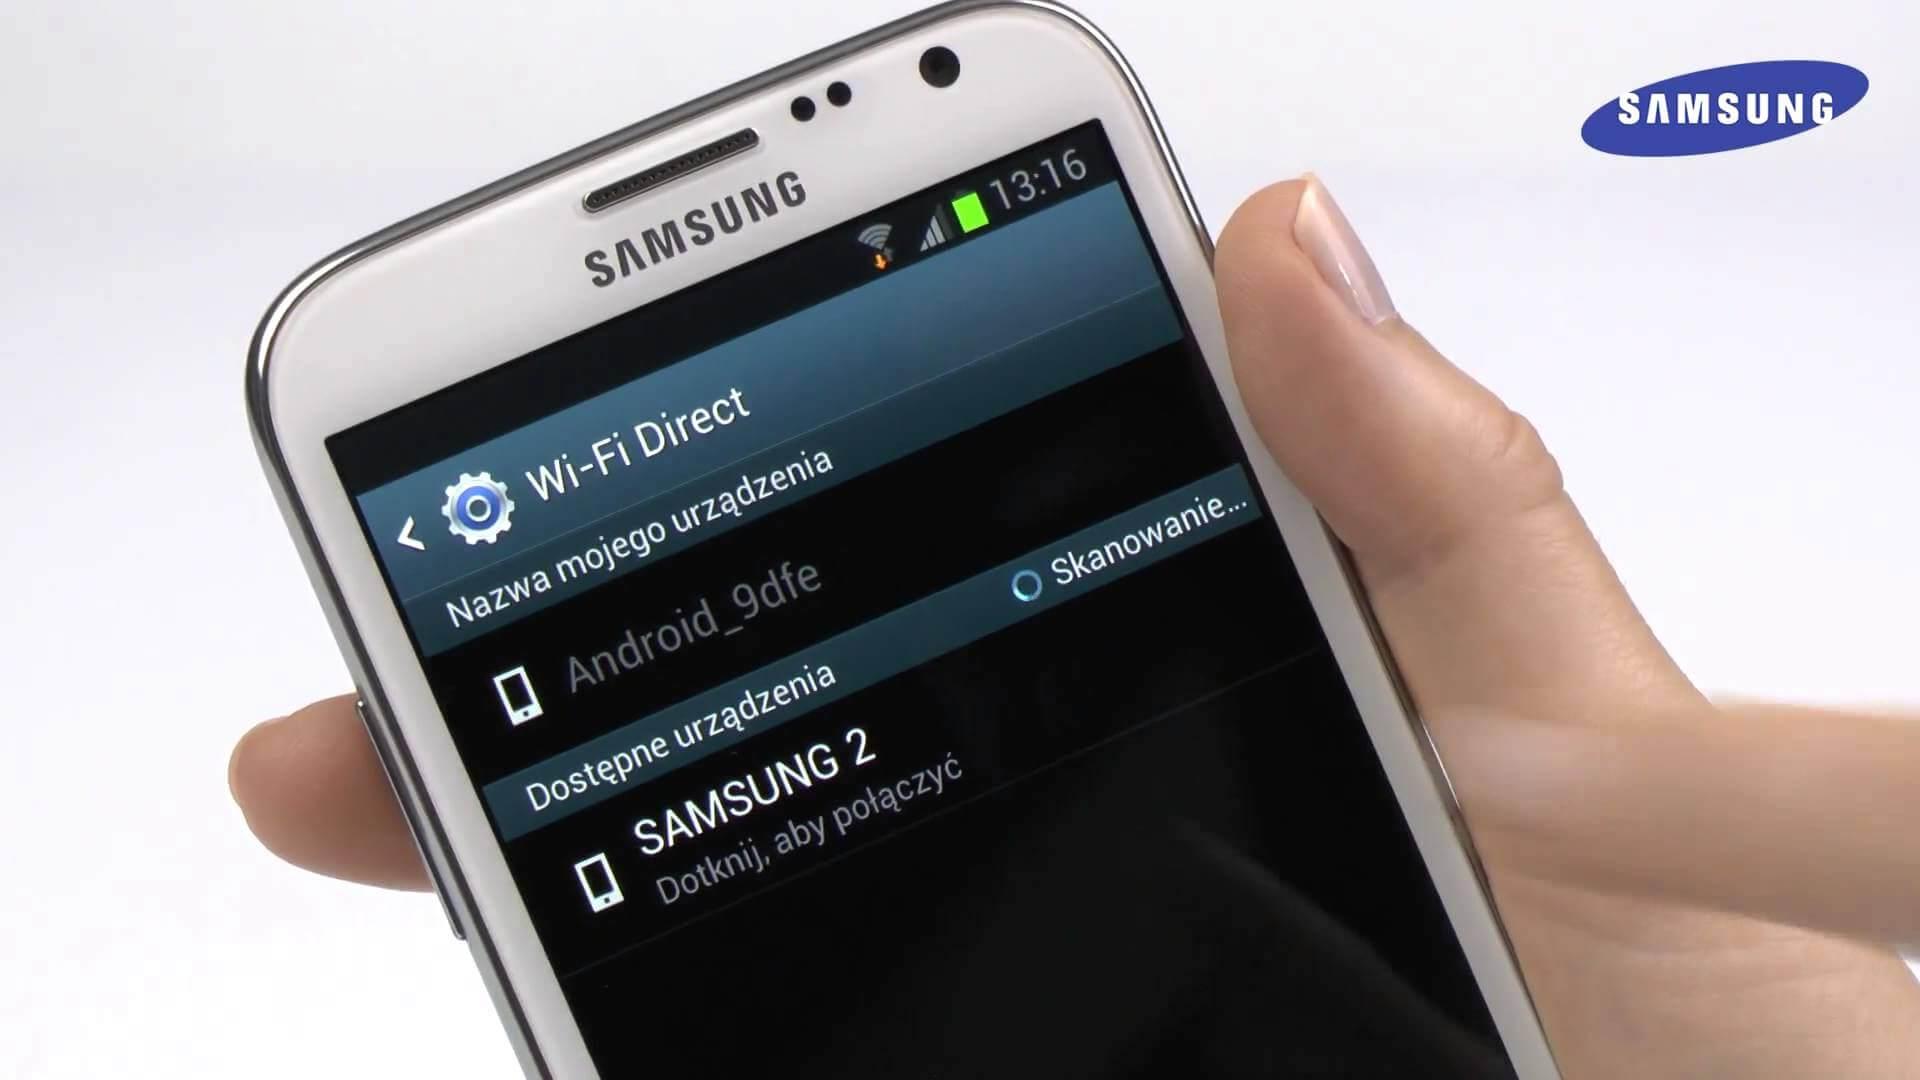 Kablosuz modeme bağlamıyor Modeme Bağlı Cihazları Tespit Etmek Mobilden Kablosuz Modeme Bağlı Cihazları Tespit Etmek kablosuz modeme baglanmak